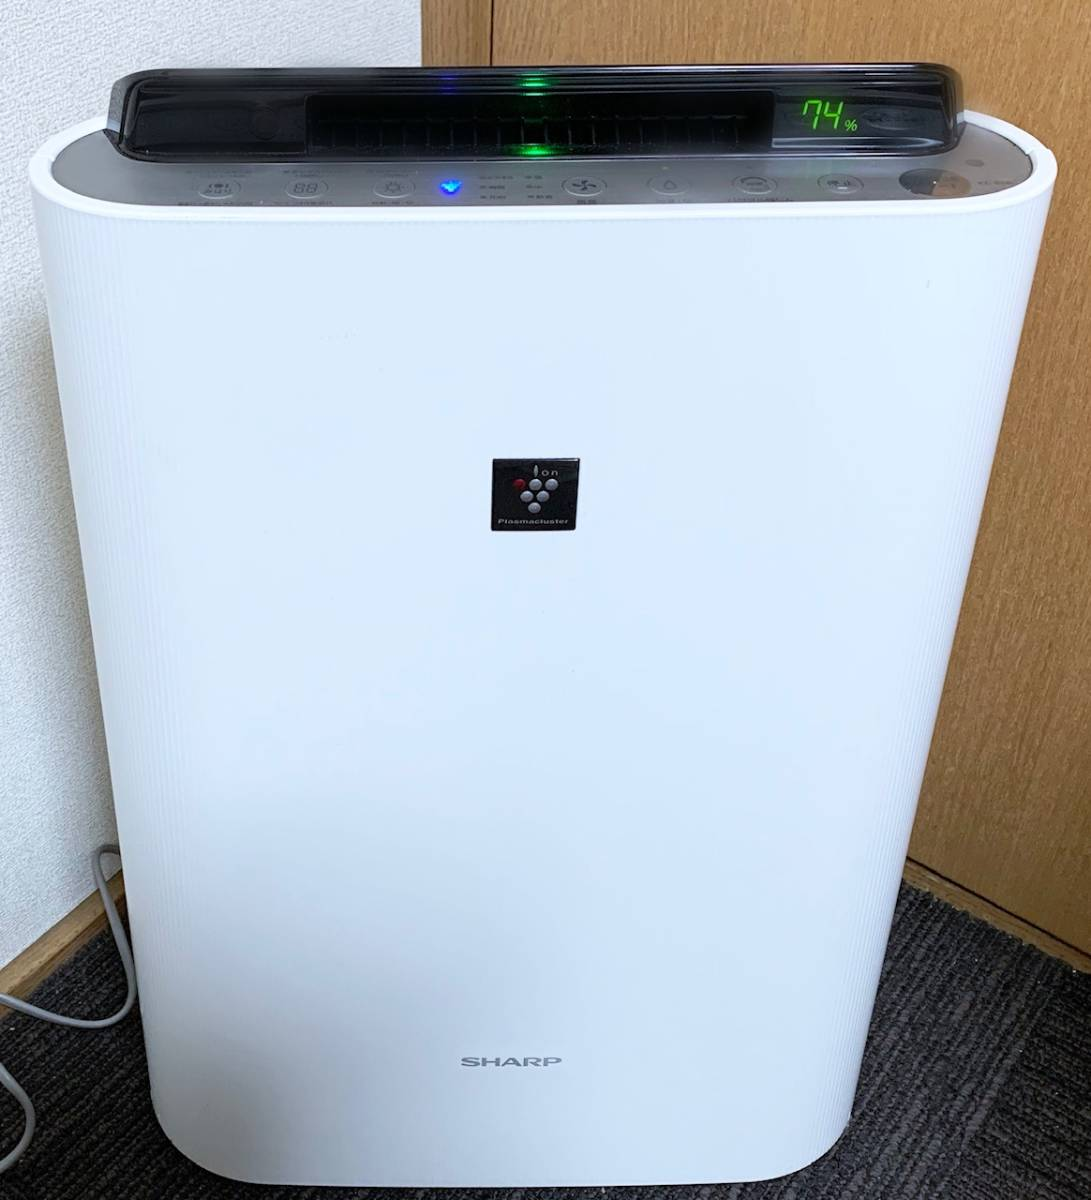 [KC-E50*23 татами *2015 год производства * очень красивый товар ]PM2.5 соответствует *SHARP* увлажнение очиститель воздуха * высокая плотность